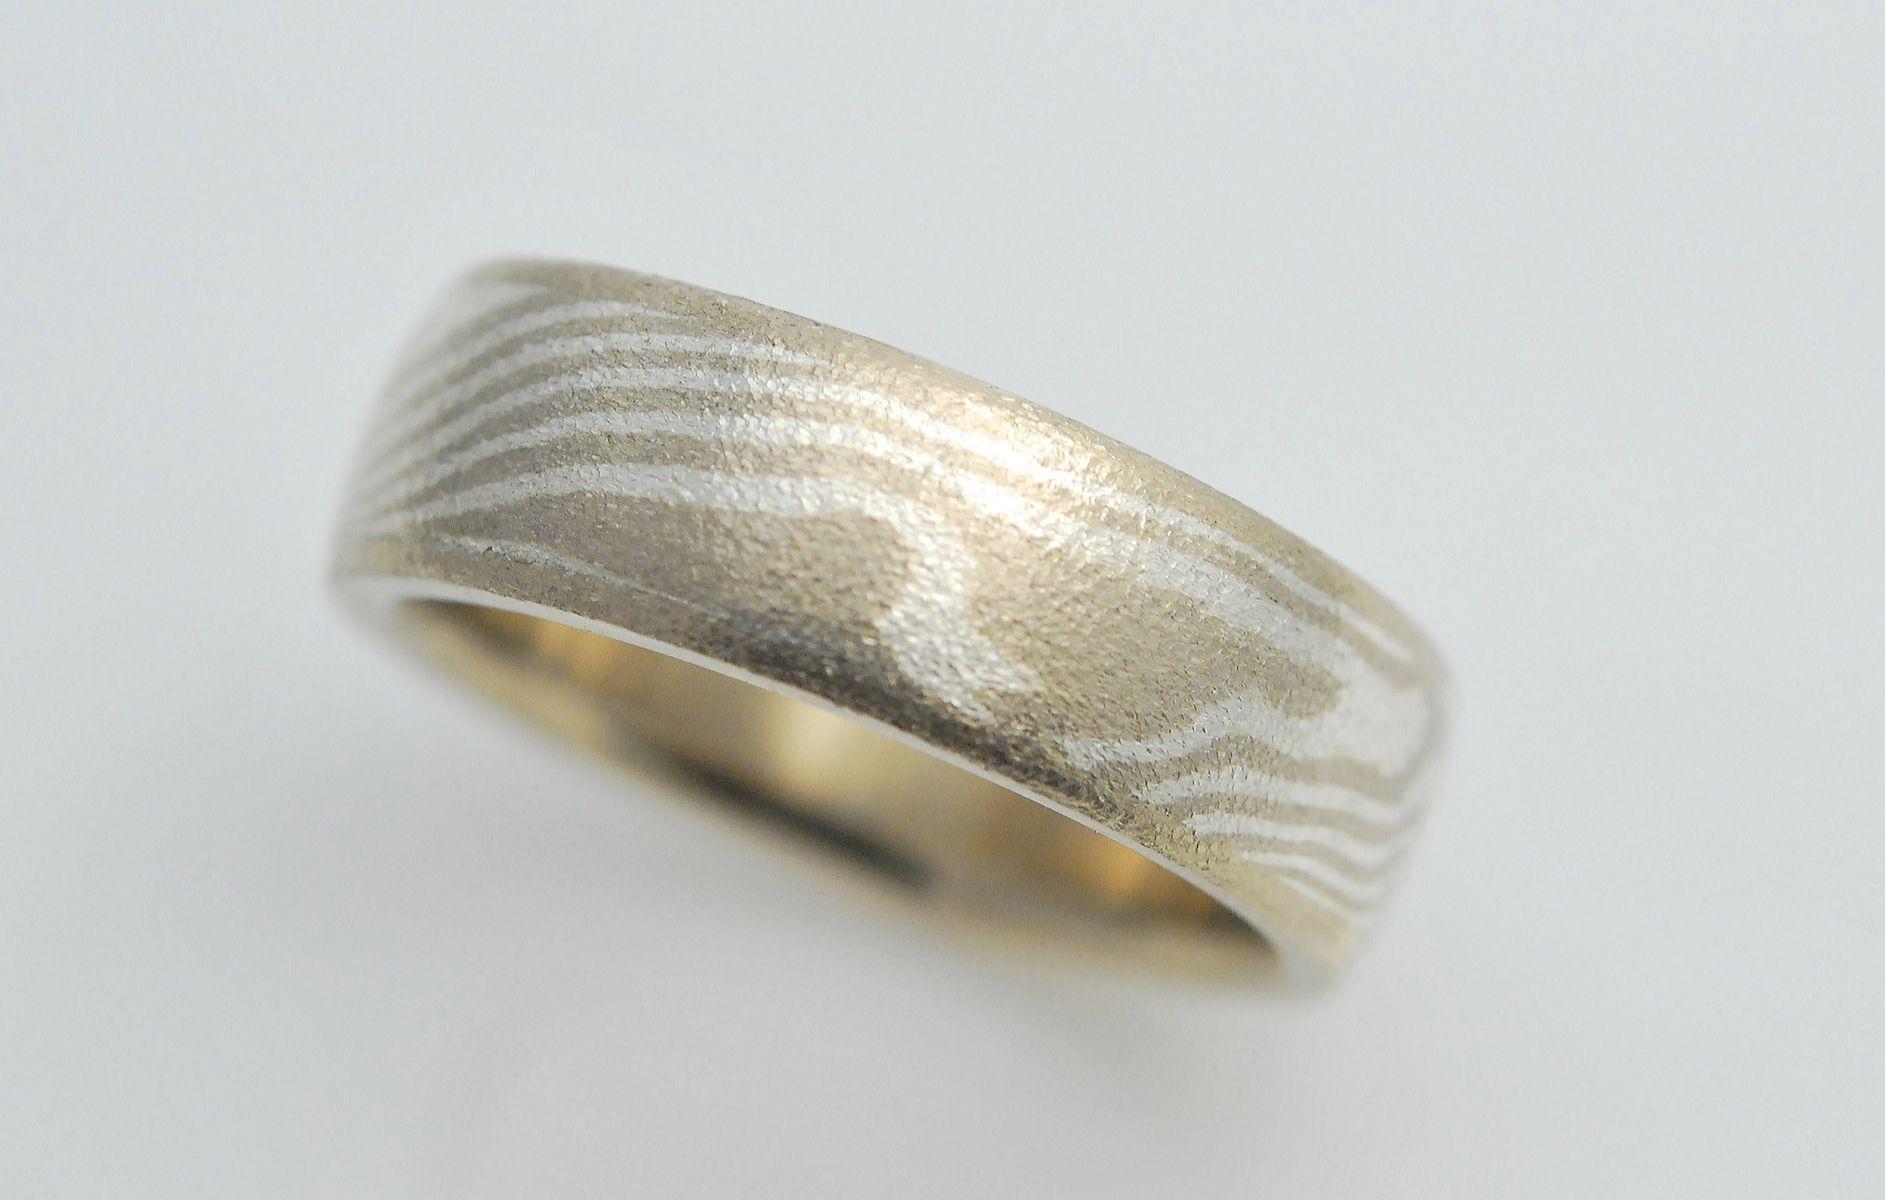 mokume gane wedding rings mokume gane wedding bands Mokume gane wedding rings 14k Palladium White Gold With Sterling Silver Mokume Gane Ring By